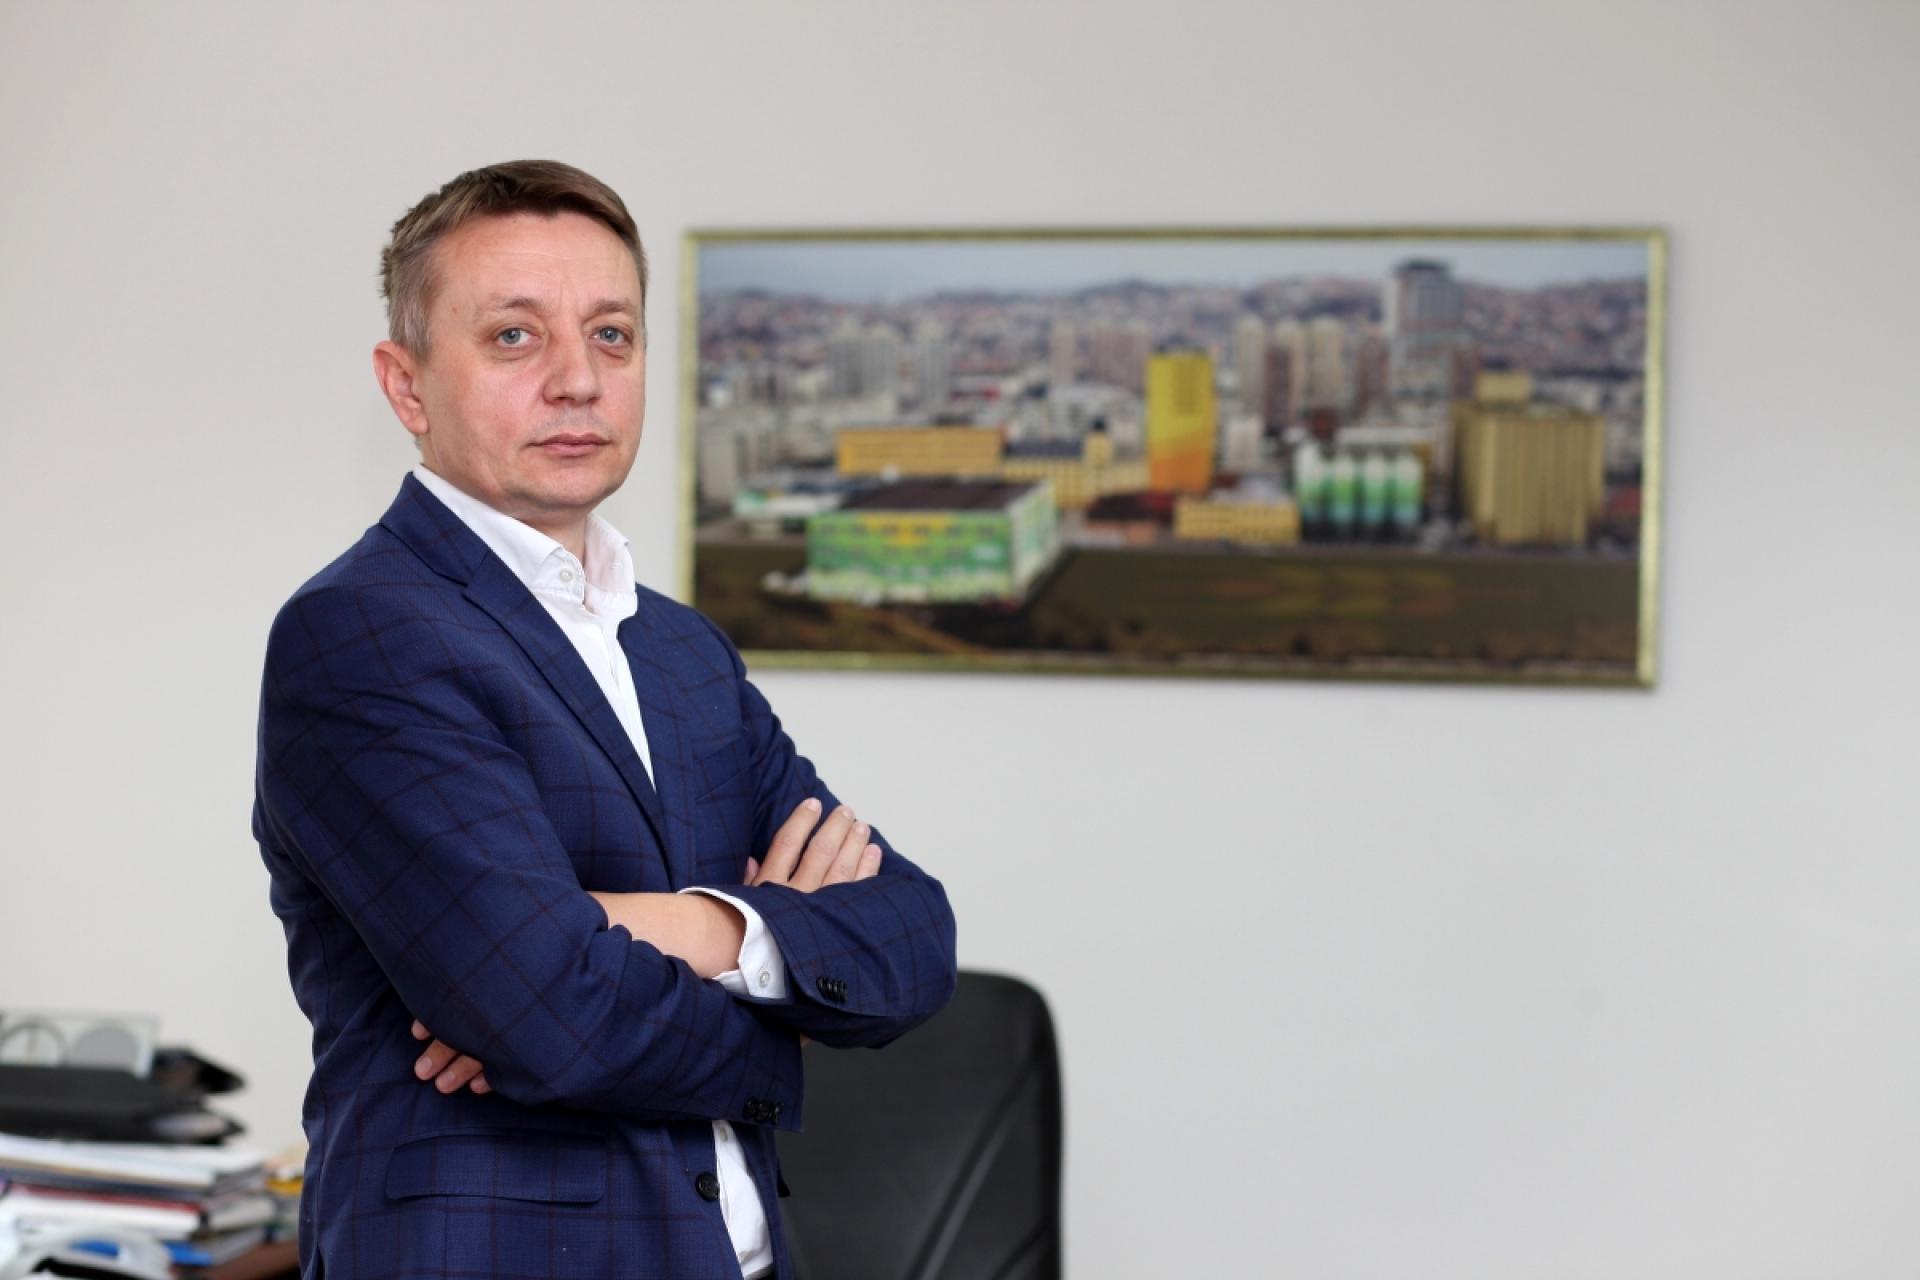 Rusmir Hrvić: Moramo proizvoditi hrane najmanje onoliko koliko je potrebno da sami sebe prehranimo